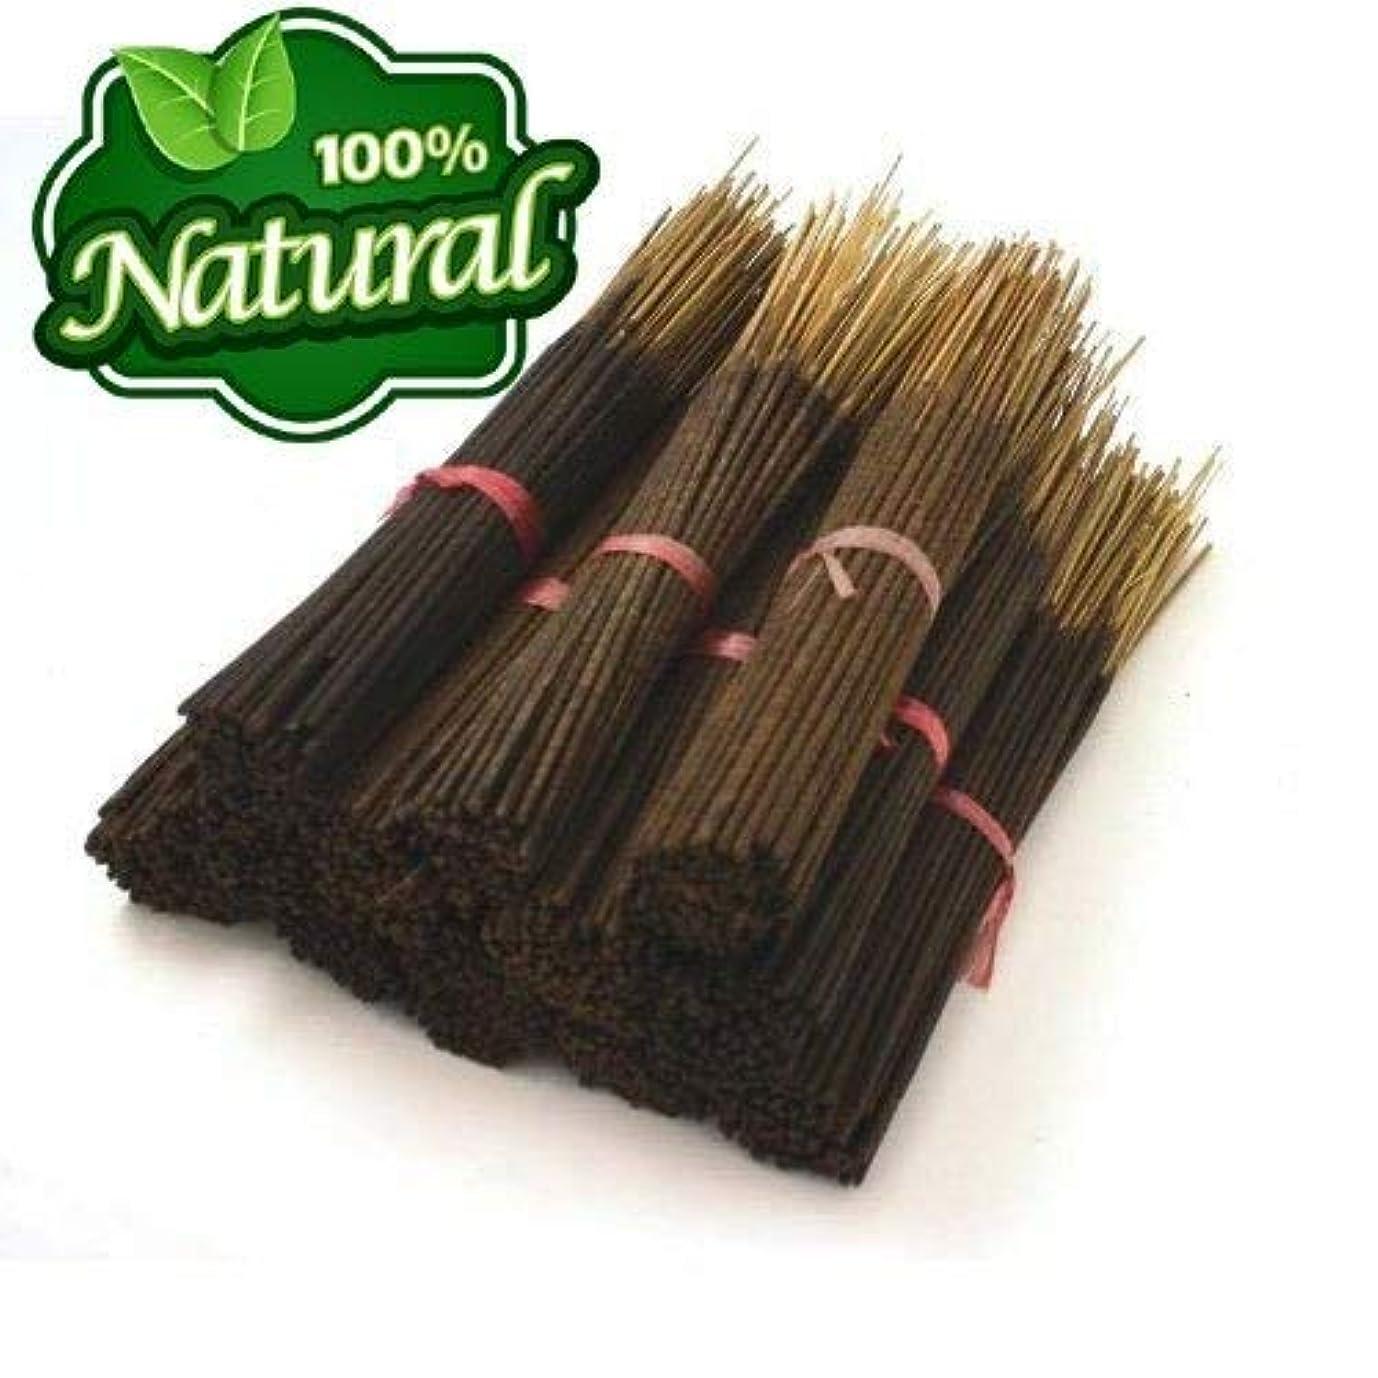 に向かって慈善ライドBless-Frankincense-and-Myrrh 100%-natural-incense-sticks Handmade-hand-dipped The-best-woods-scent-500-Pack-(100x5)